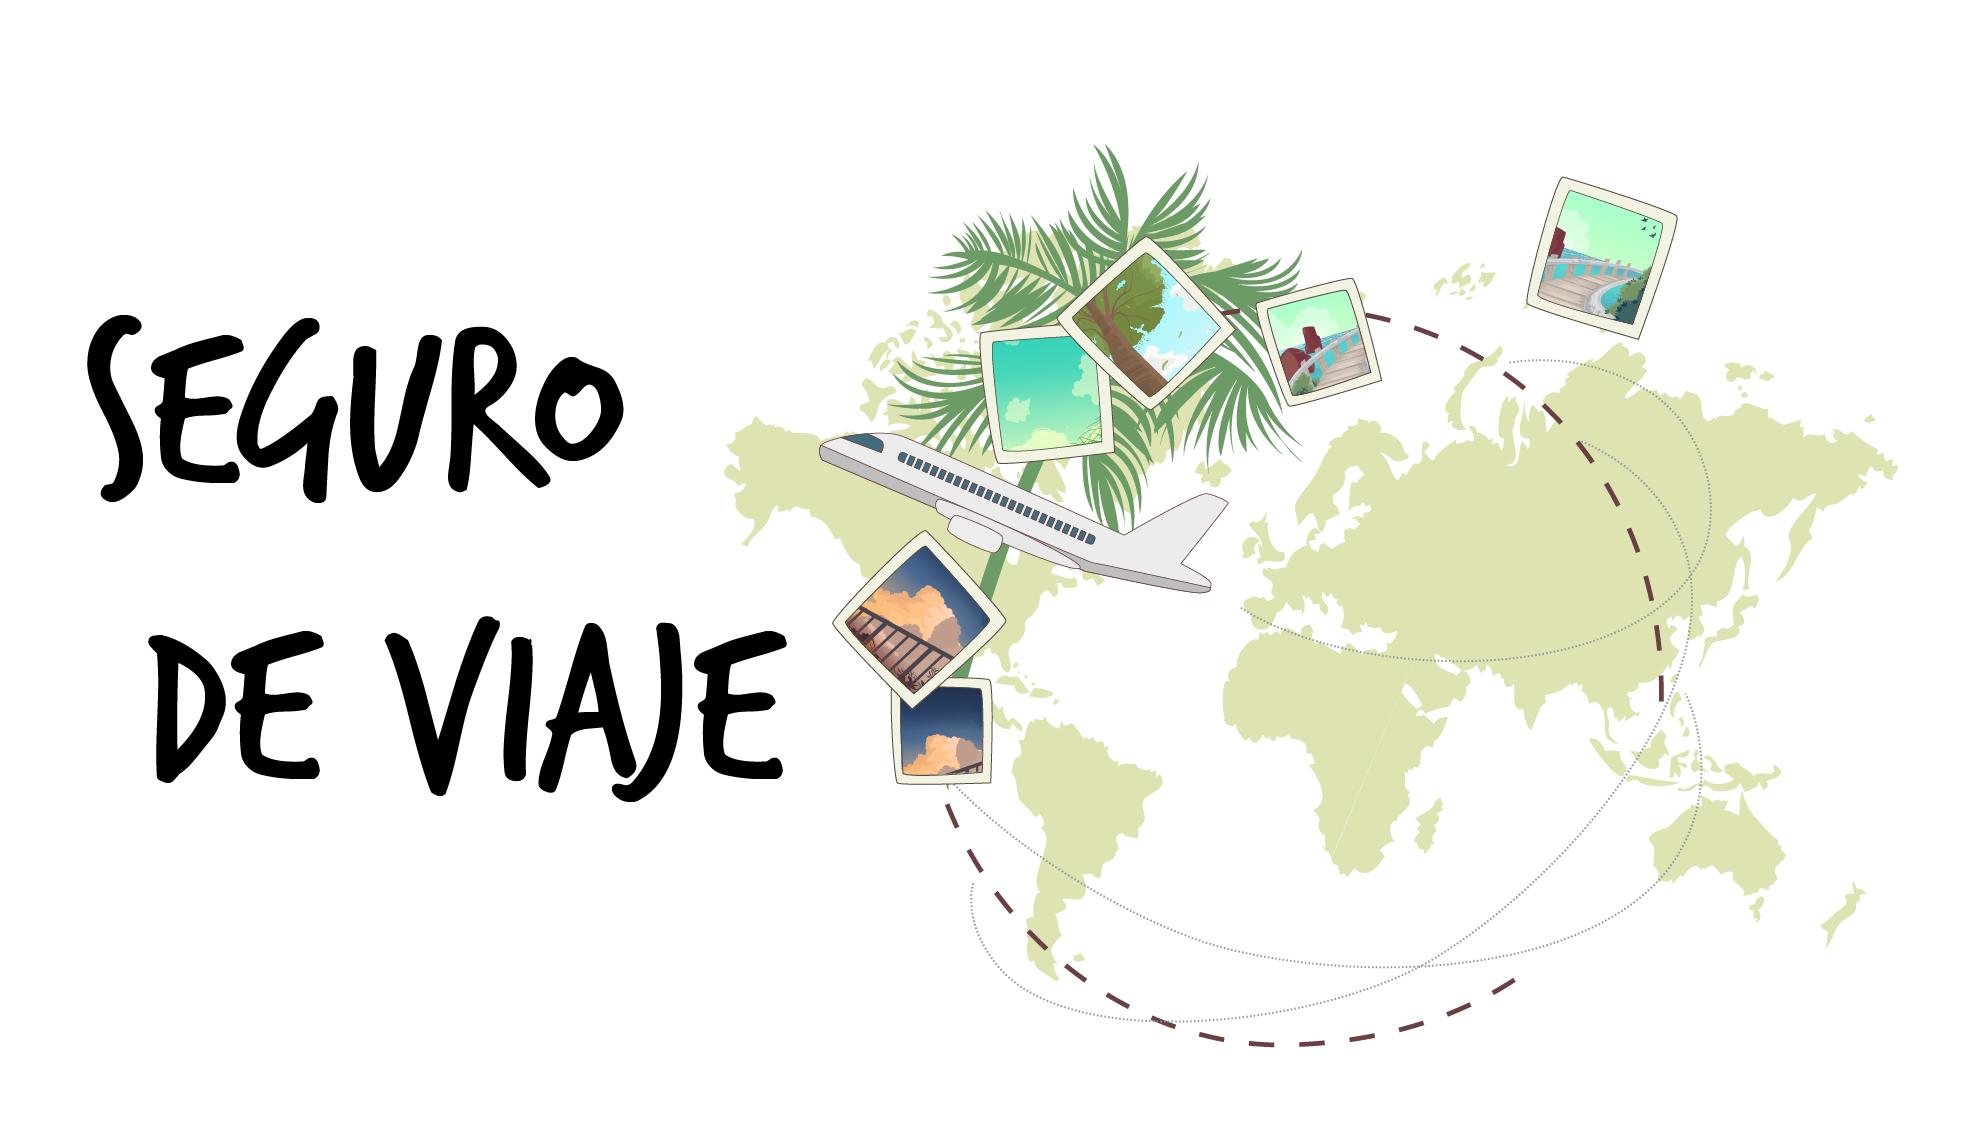 ¡Viaja seguro!, elige un buen seguro de viaje